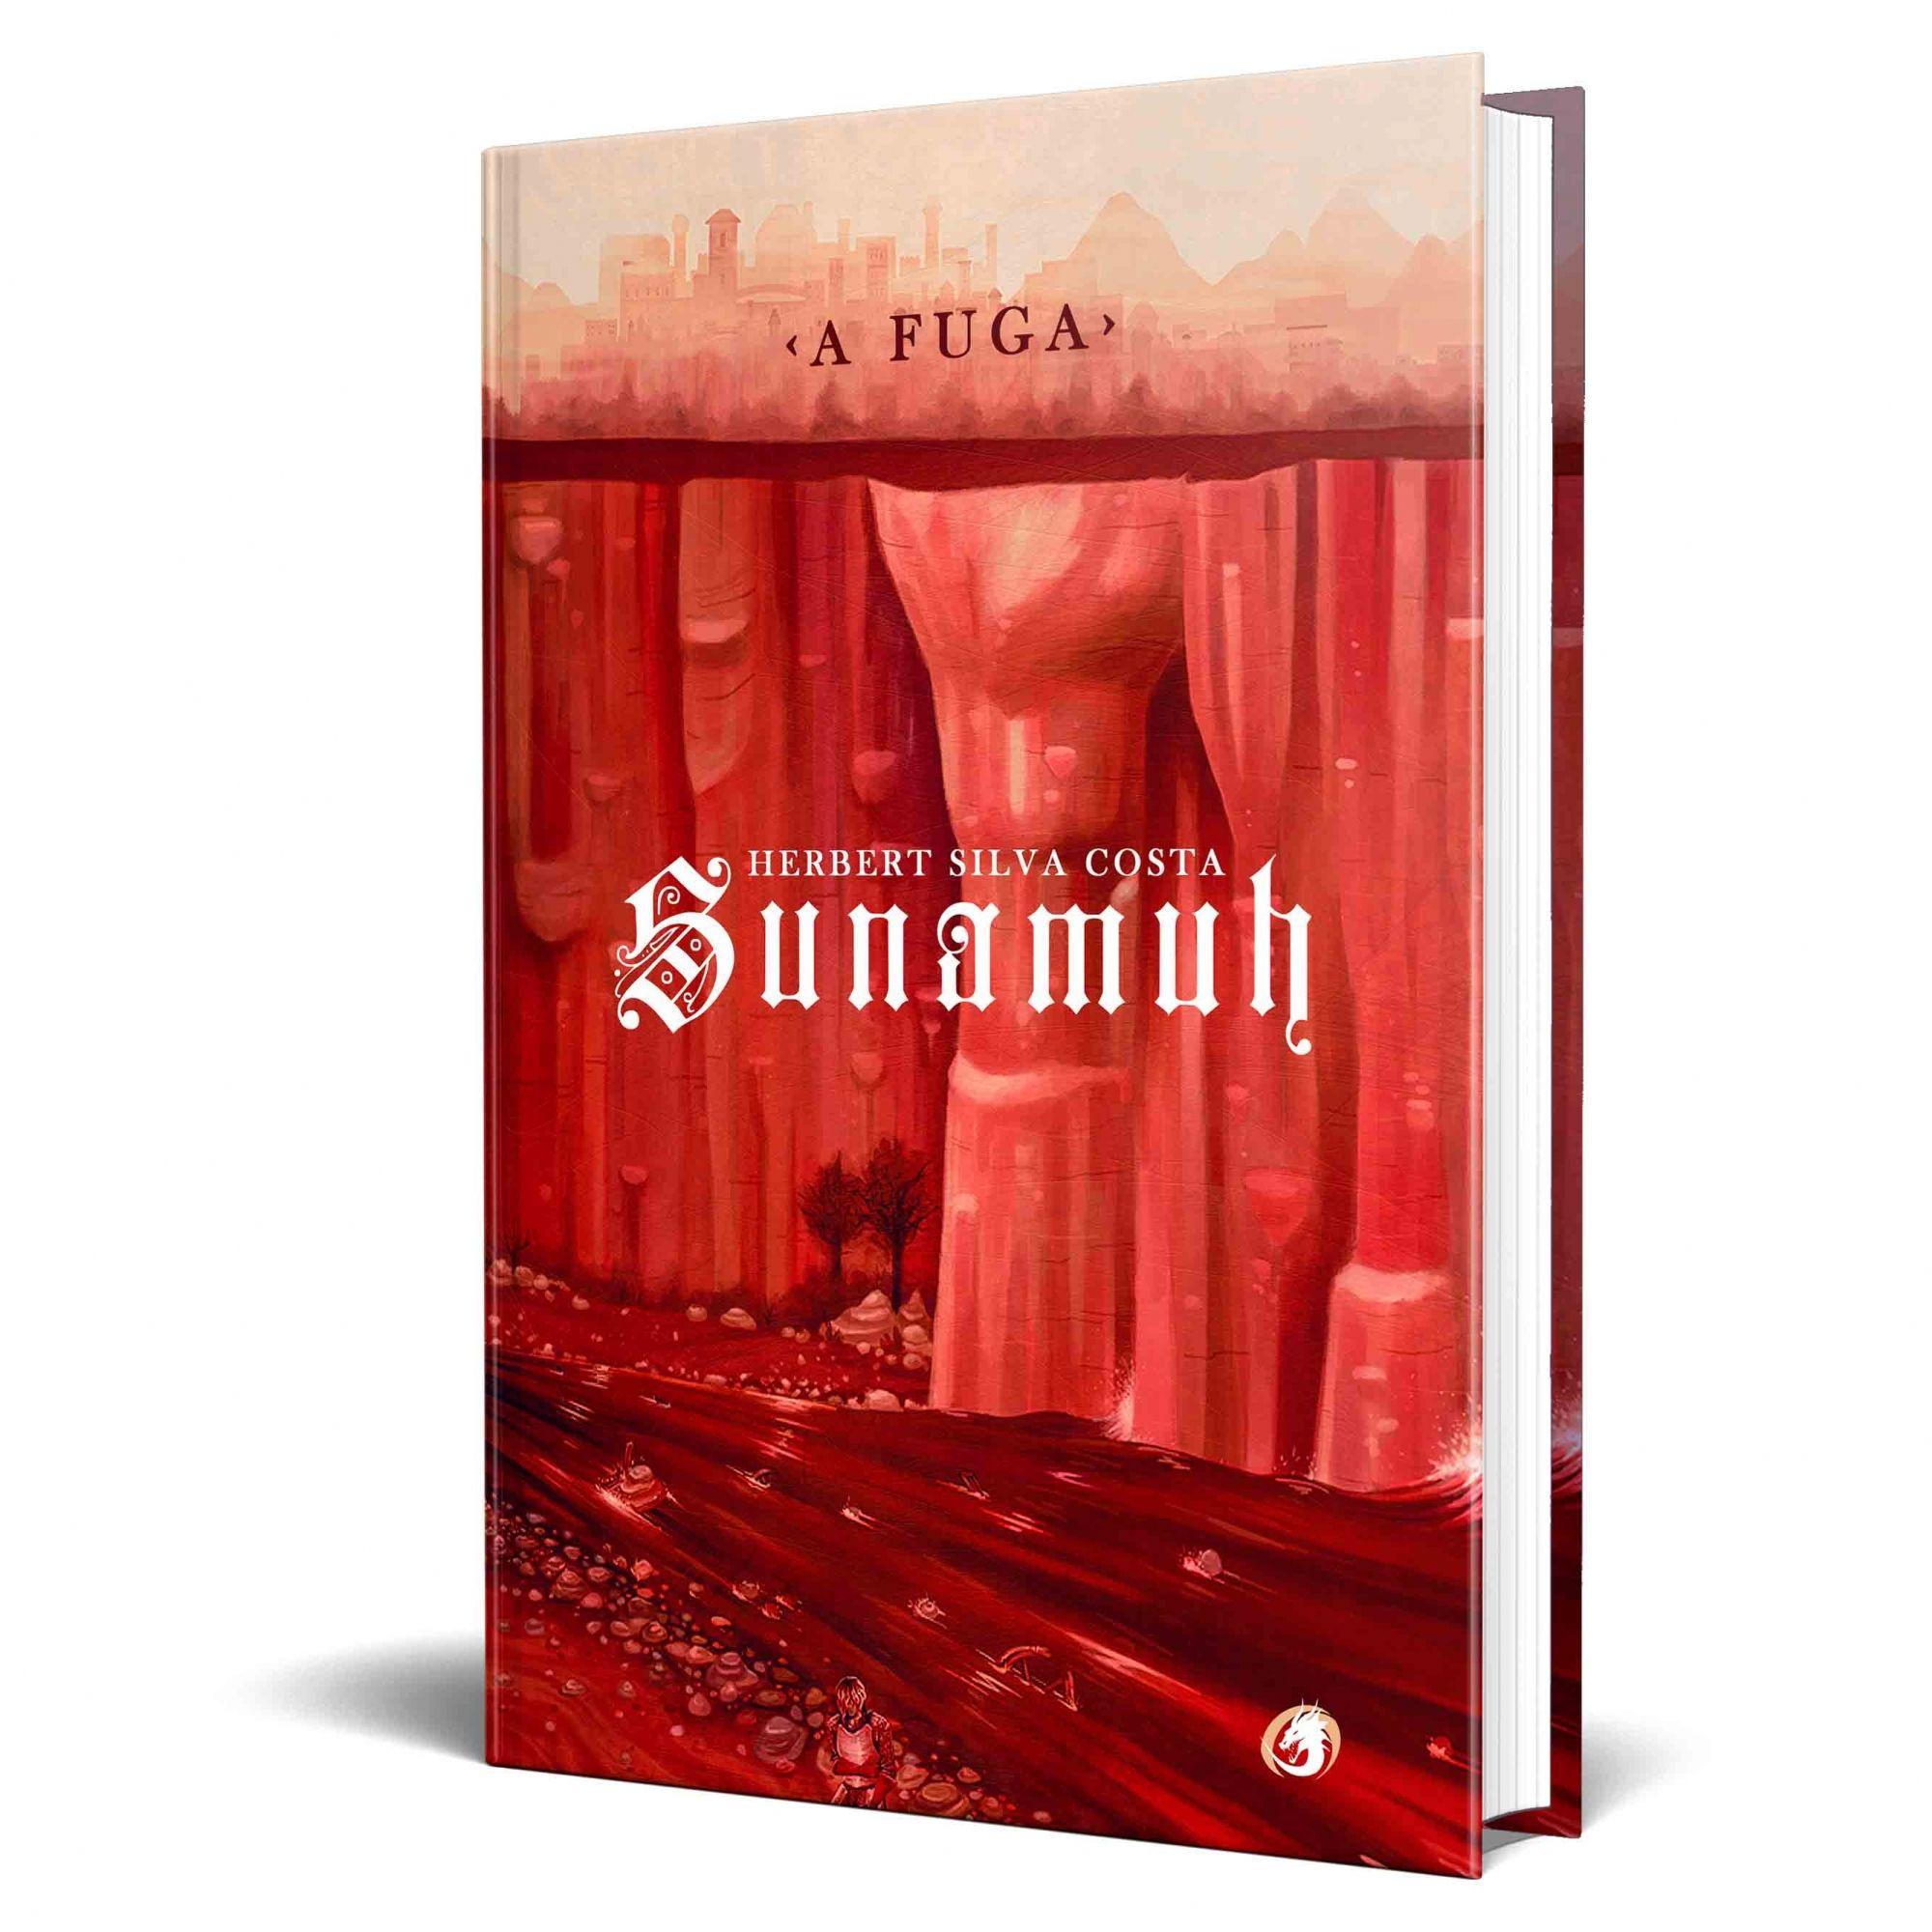 Livro Sunamuh - A Fuga